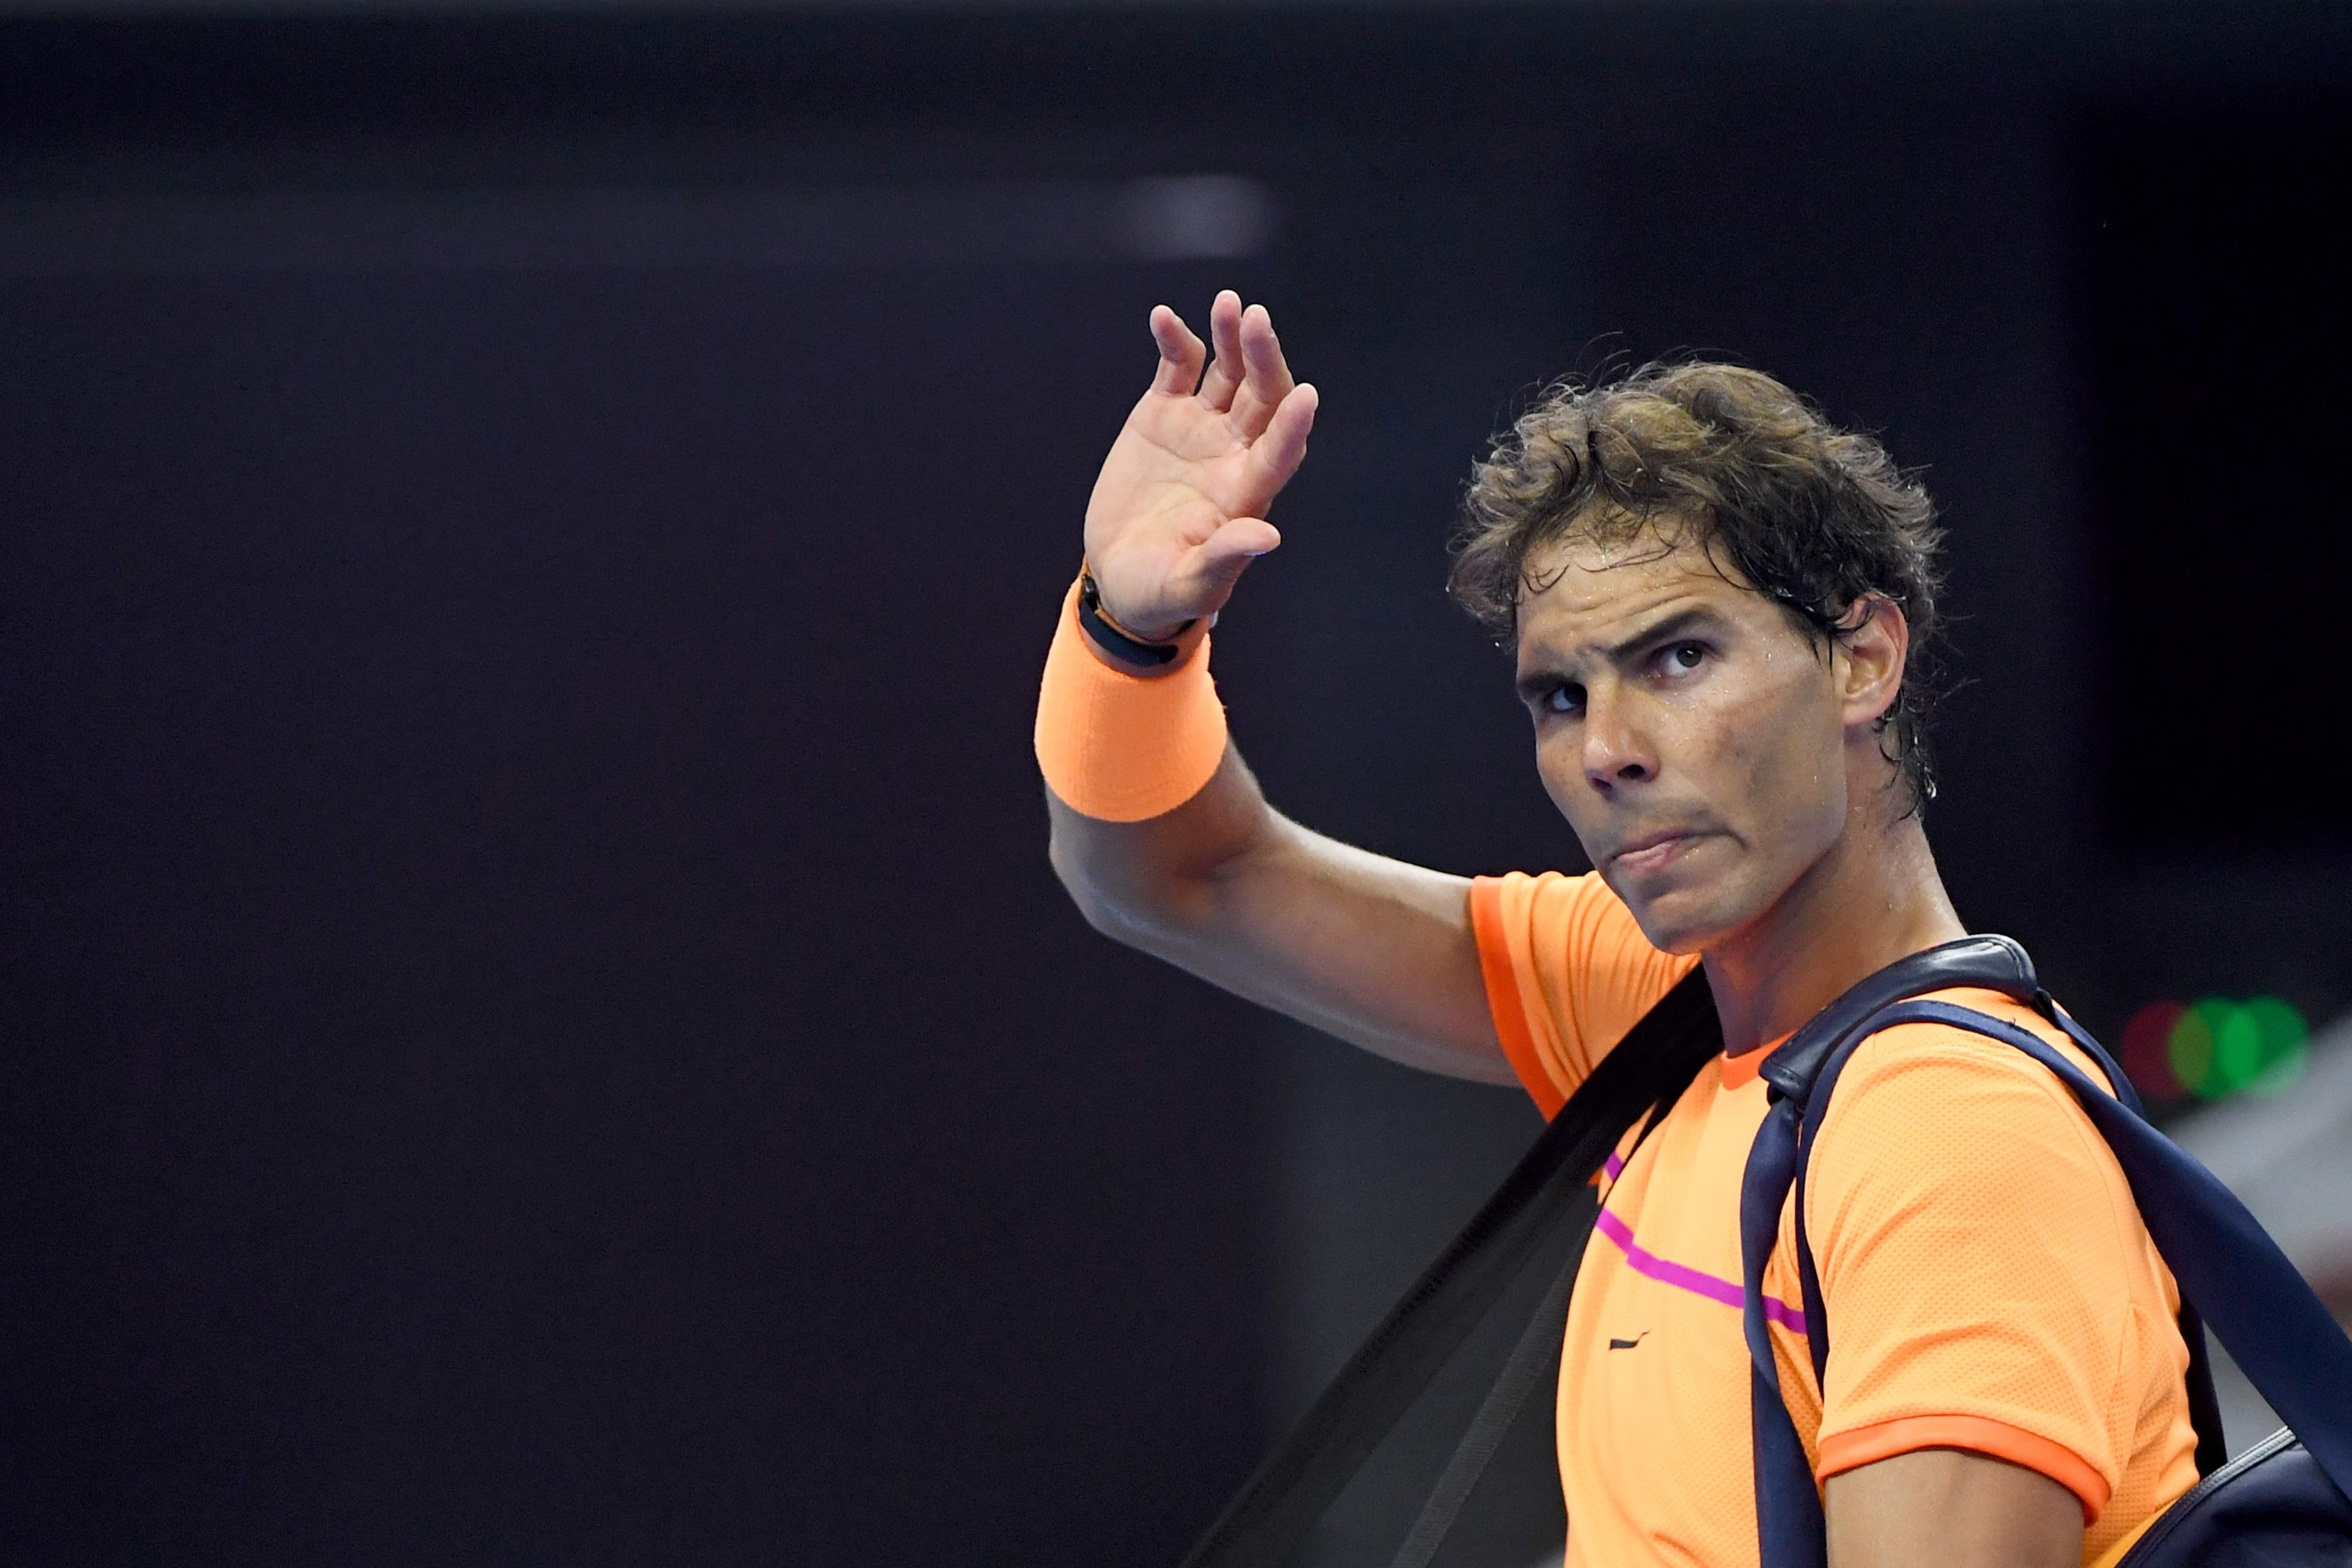 Tennis - ATP - Battu par Dimitrov, Nadal a (vraiment) perdu de sa superbe